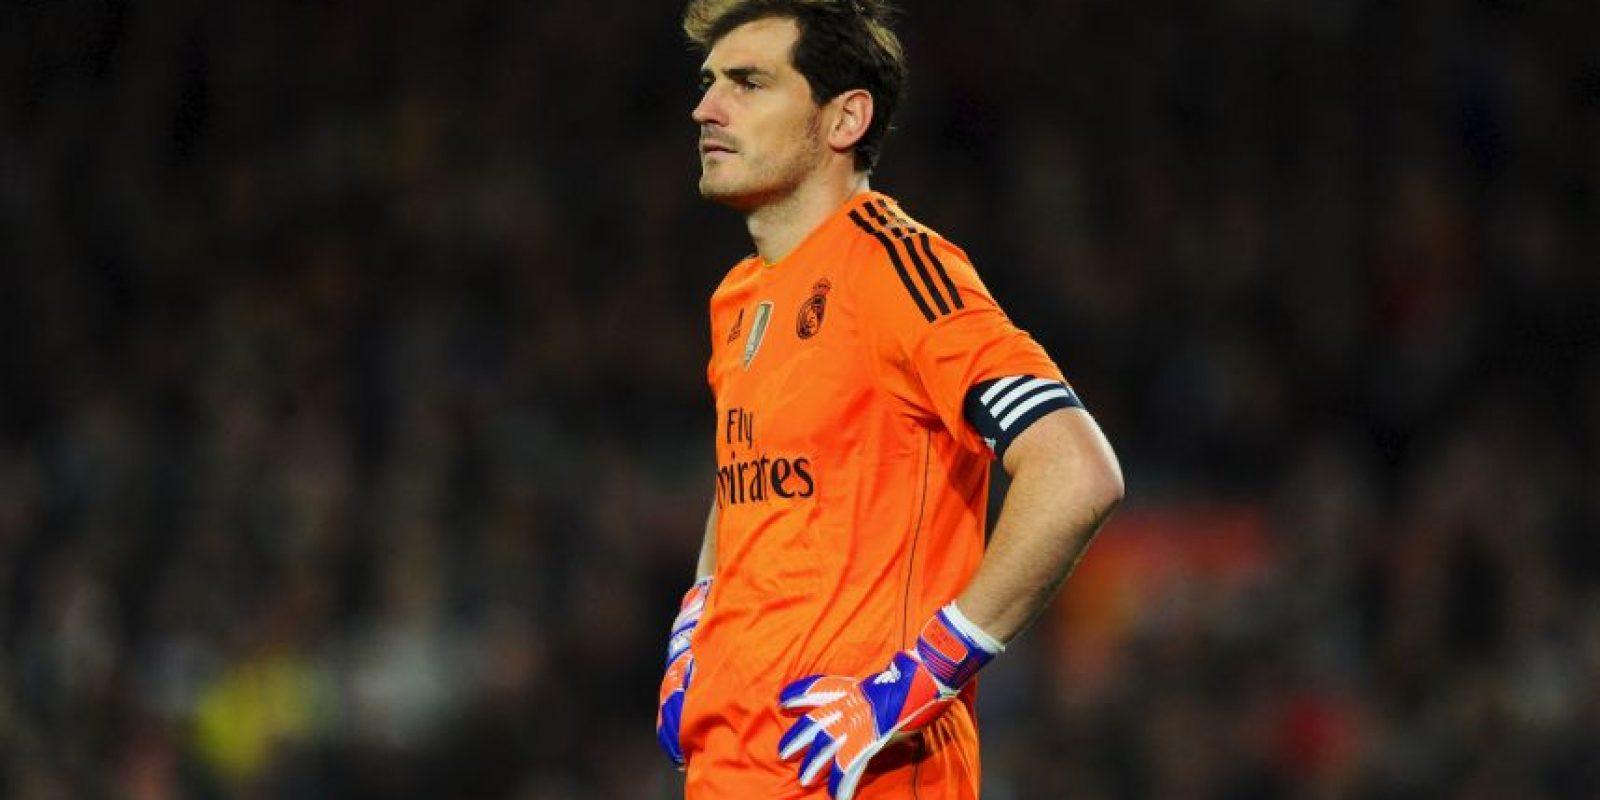 El portero fue señalado como el principal causante de que el portugués dejara al equipo en verano de 2013. Foto:Getty Images